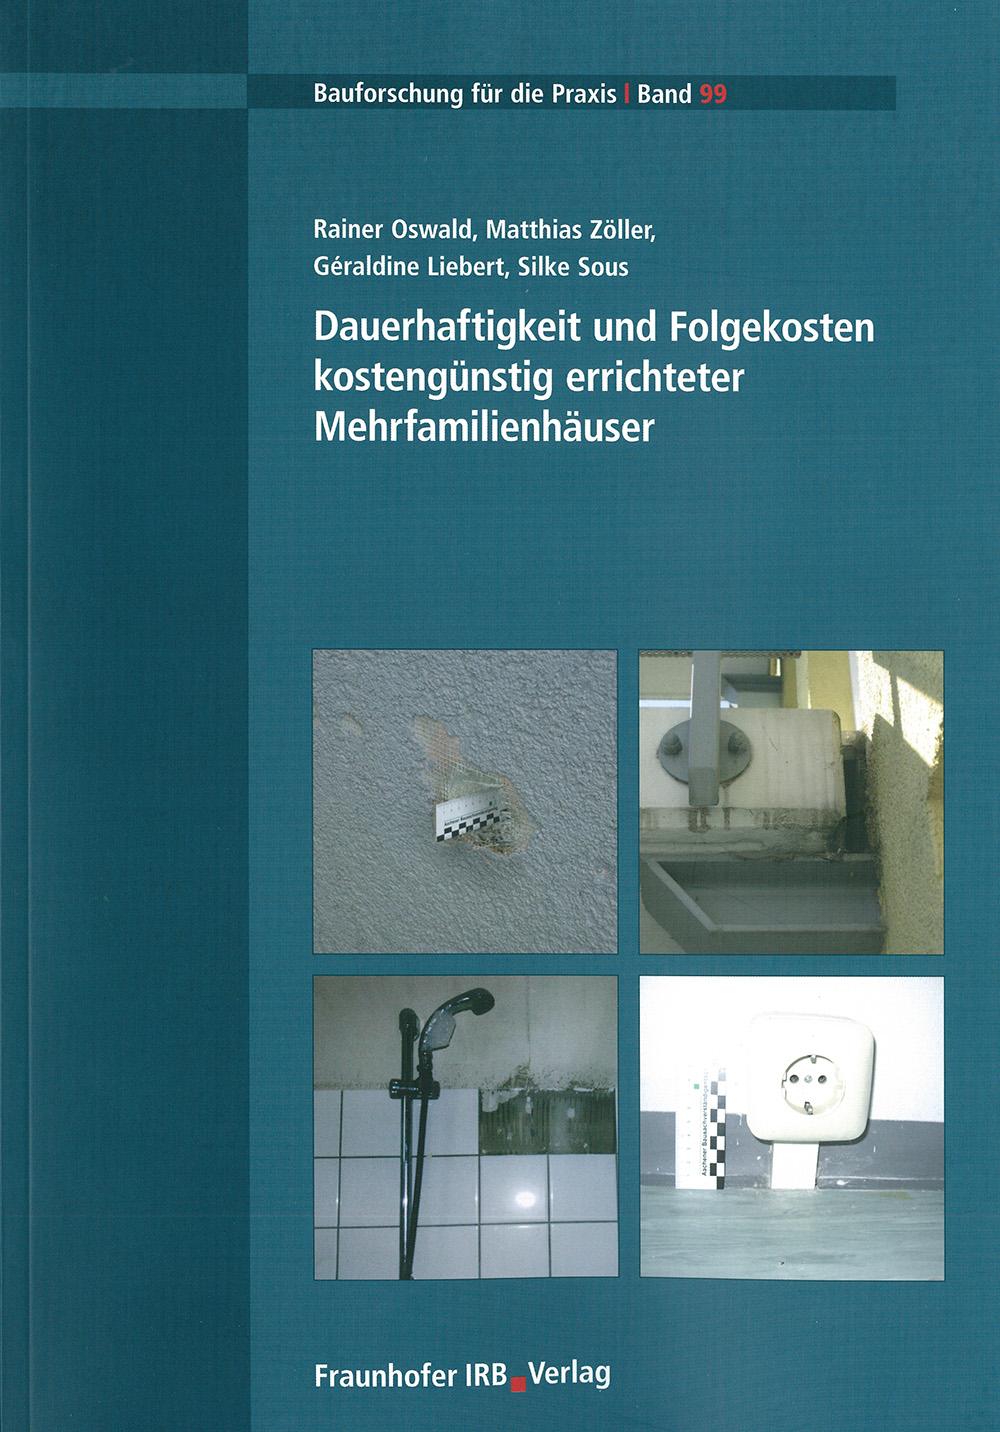 Forschungsbericht: Dauerhaftigkeit und Folgekosten kostengünstig errichteter Mehrfamilienhäuser - Coverbild